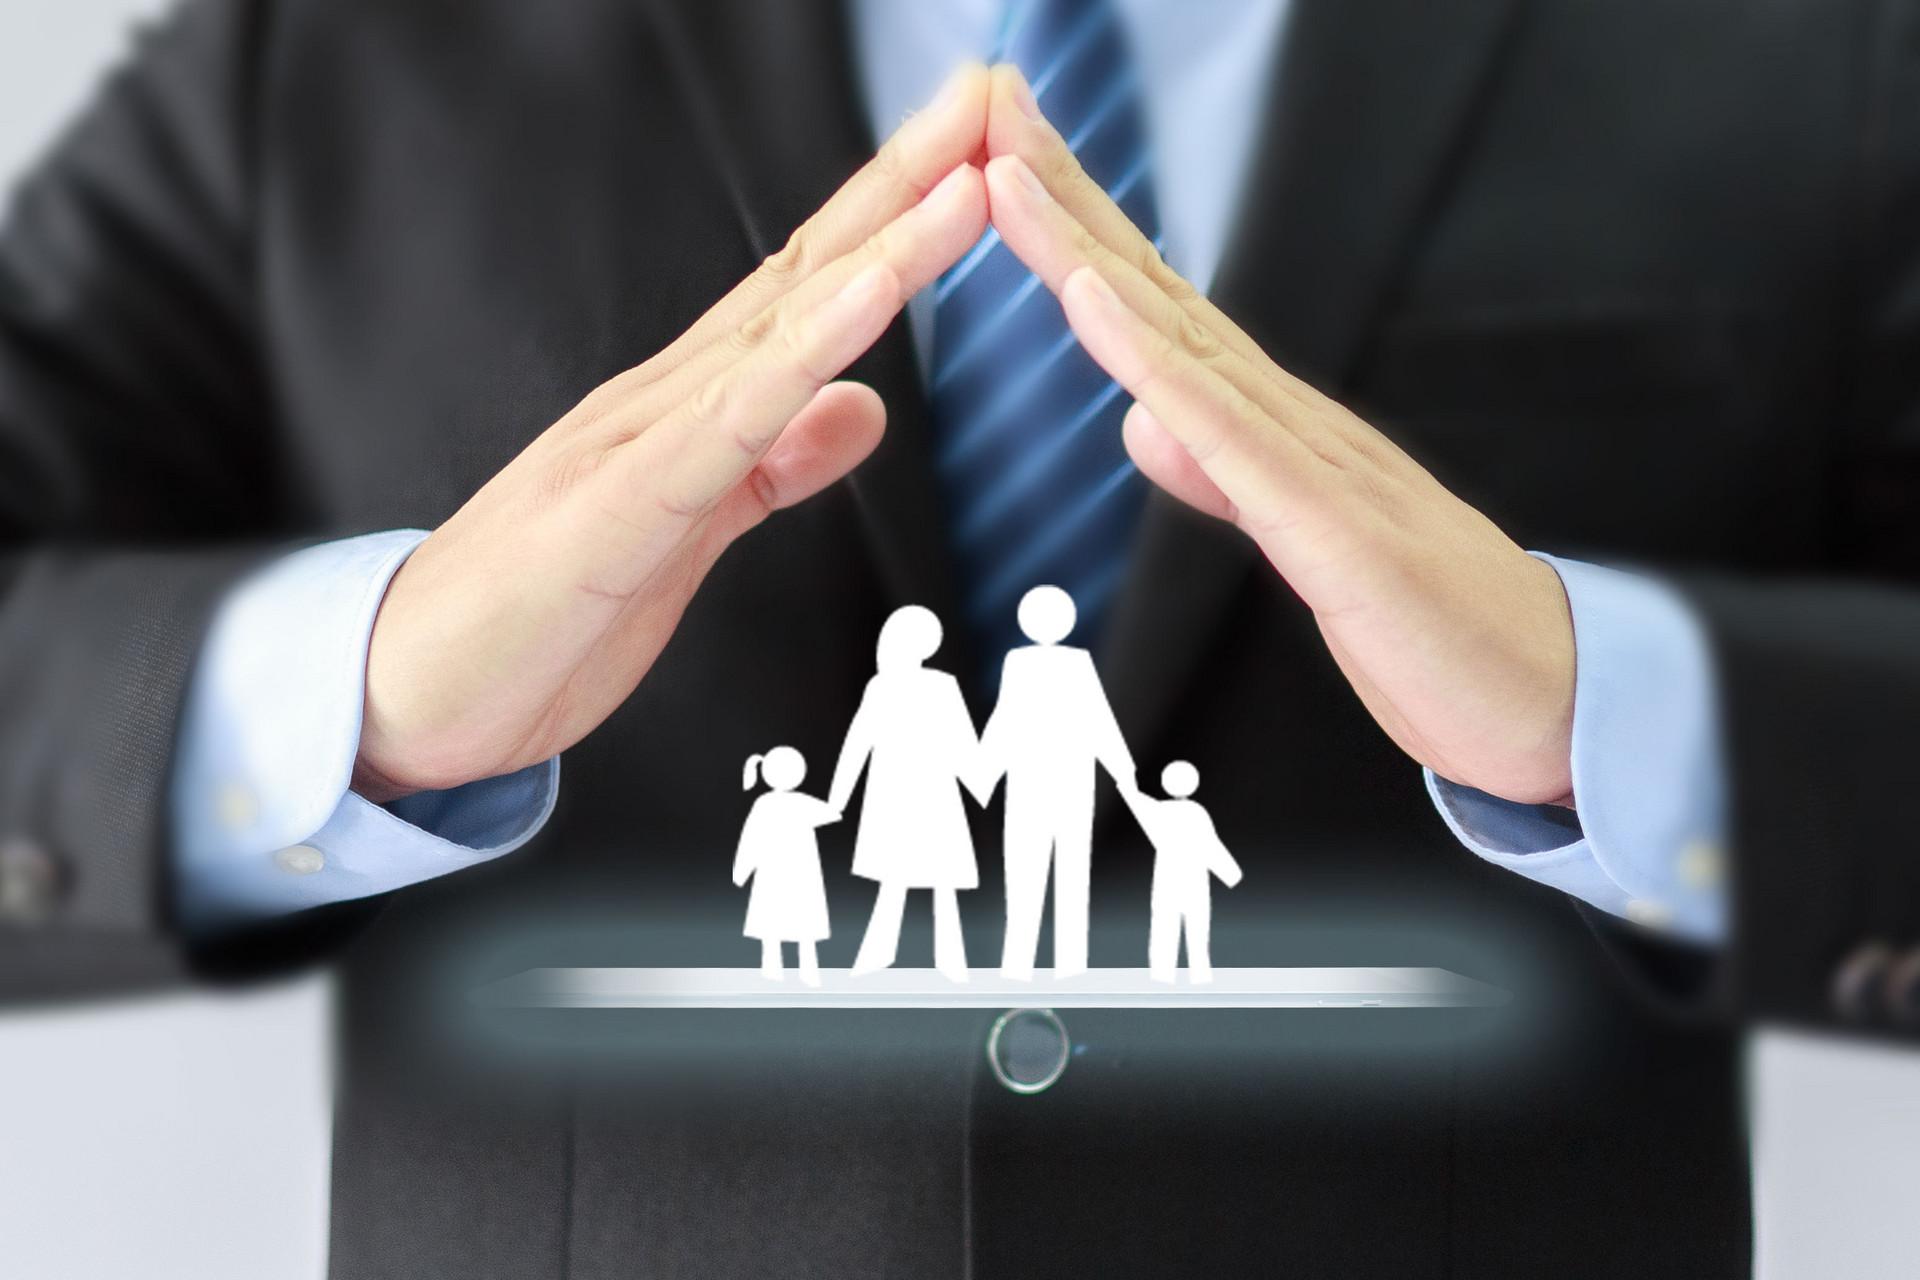 小儿重大疾病保险多倍重疾有用吗?